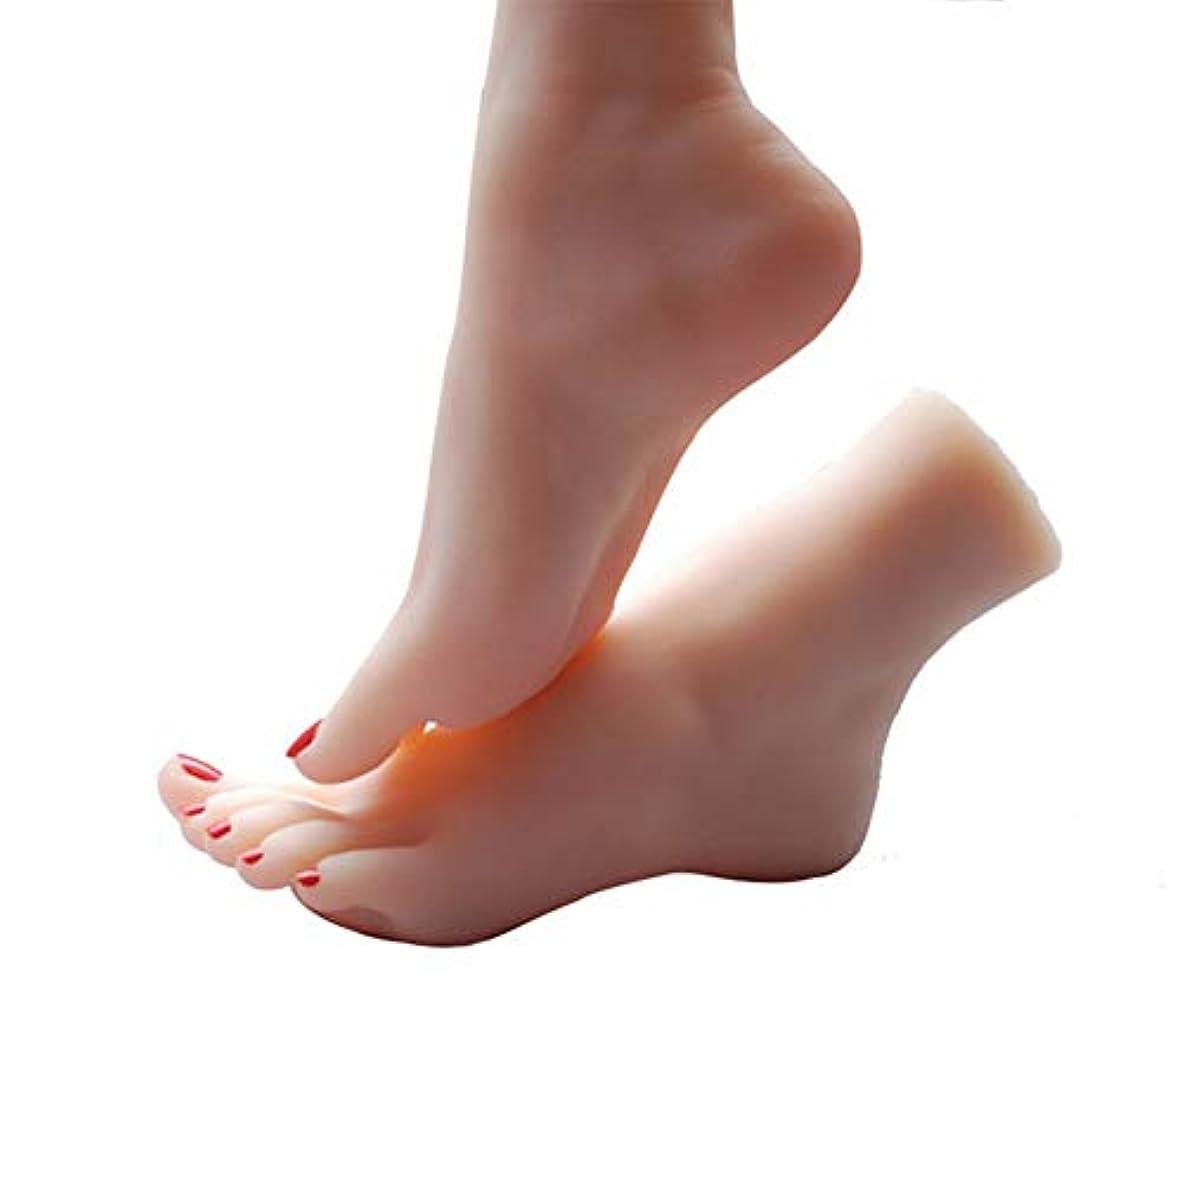 ベギン見て安心スケッチネイルアートの練習ジュエリー靴ソックス表示(ペア)としてシリコーン女性の足のライフサイズマネキン